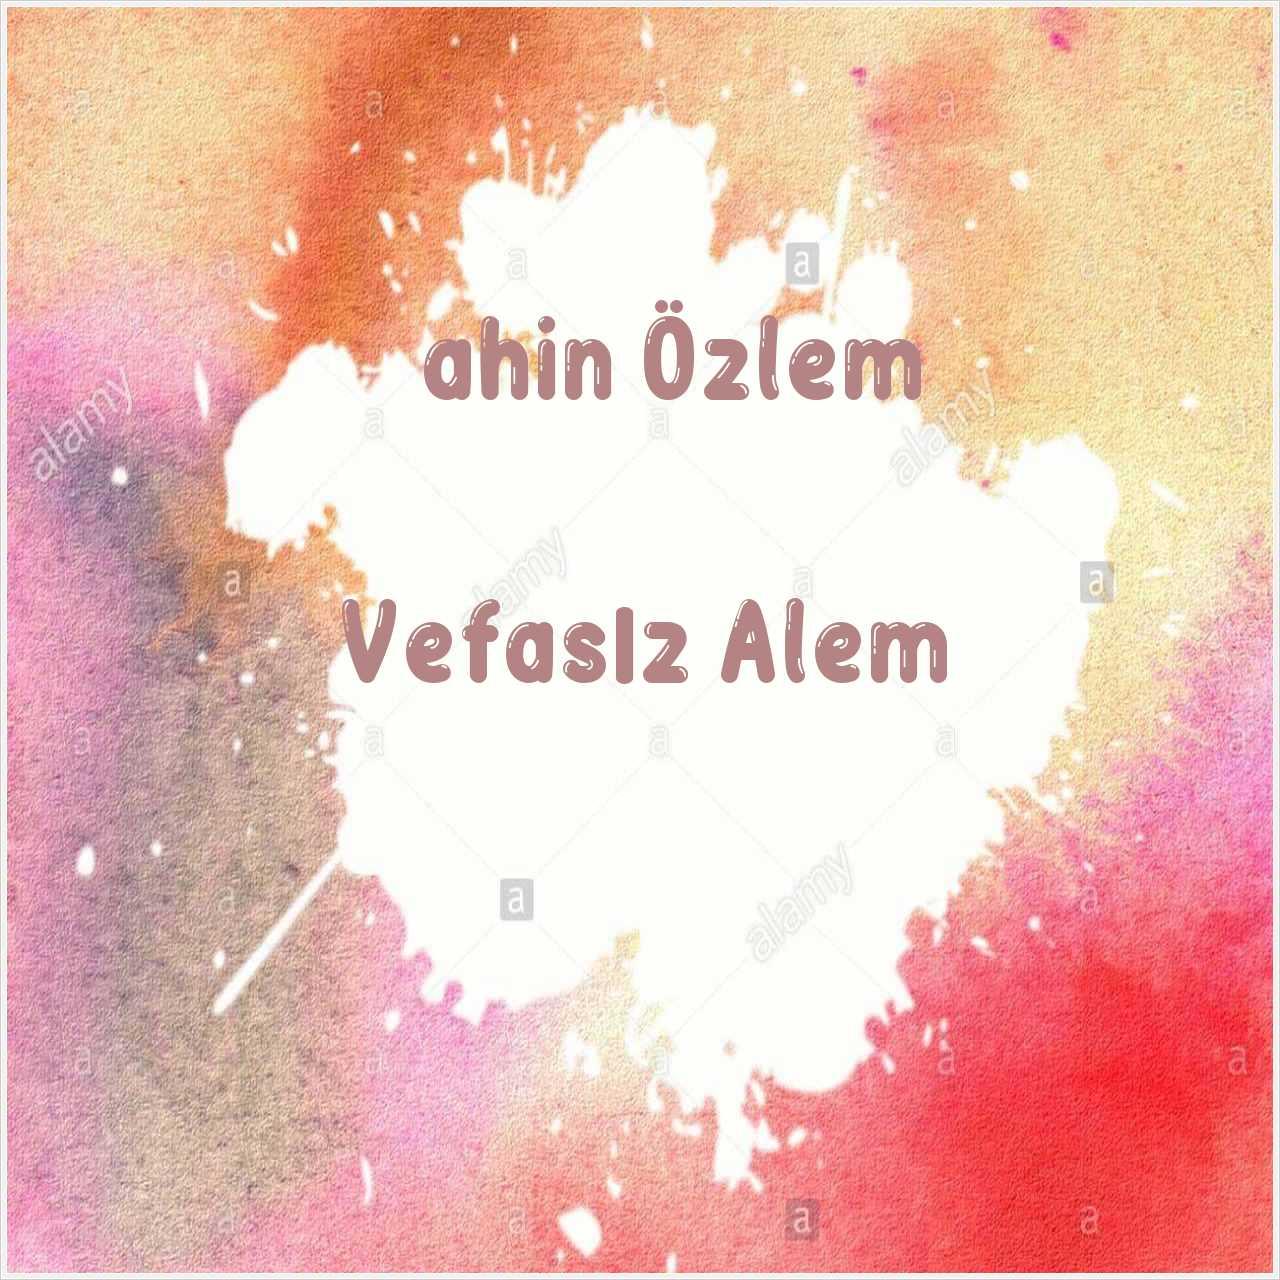 دانلود آهنگ جدید Şahin Özlem به نام Vefasız Alem